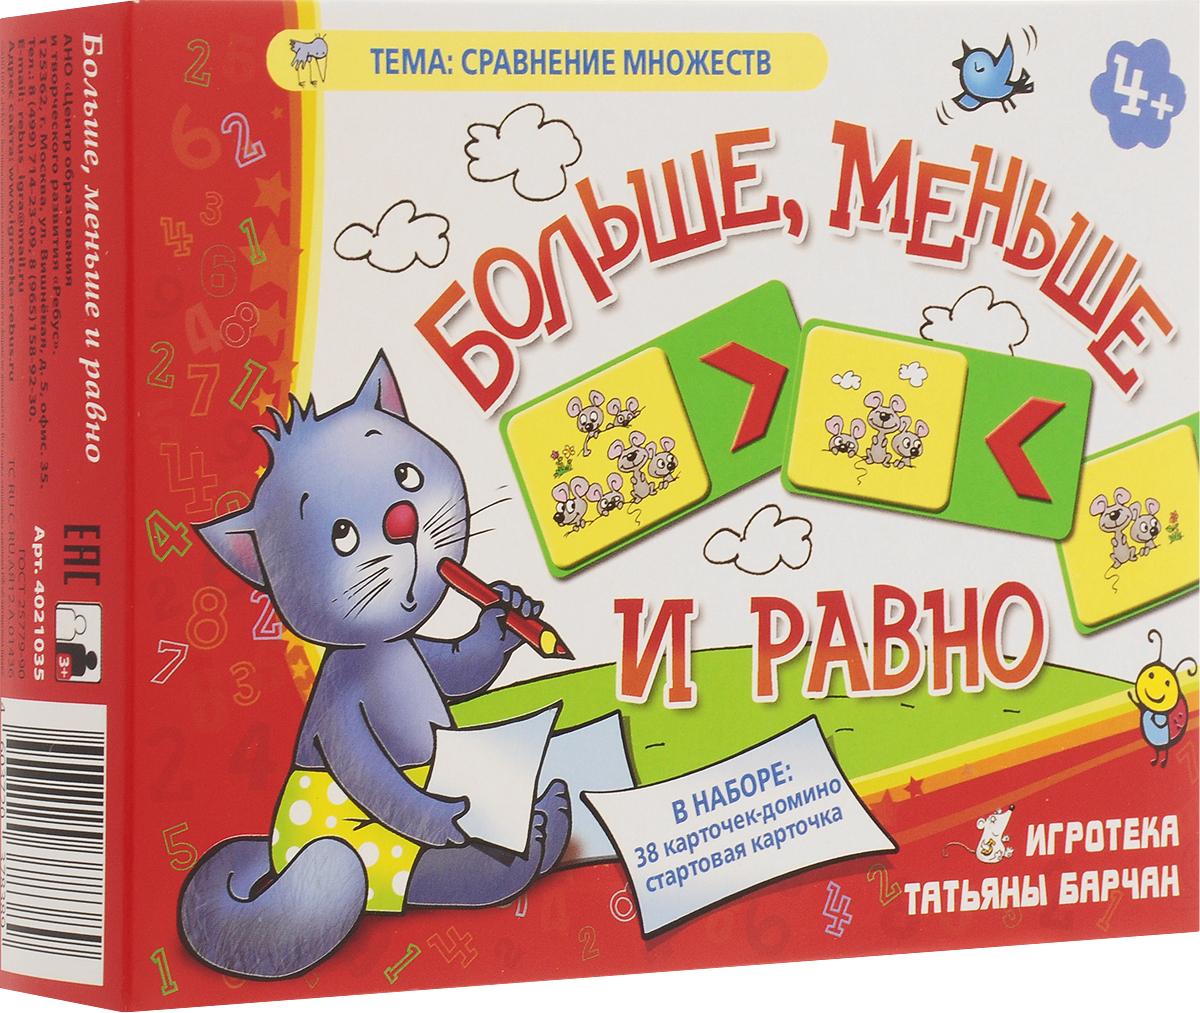 Игротека Татьяны Барчан Домино Больше меньше и равно татьяна барчан икс в квадратике счет до 20 математические игры